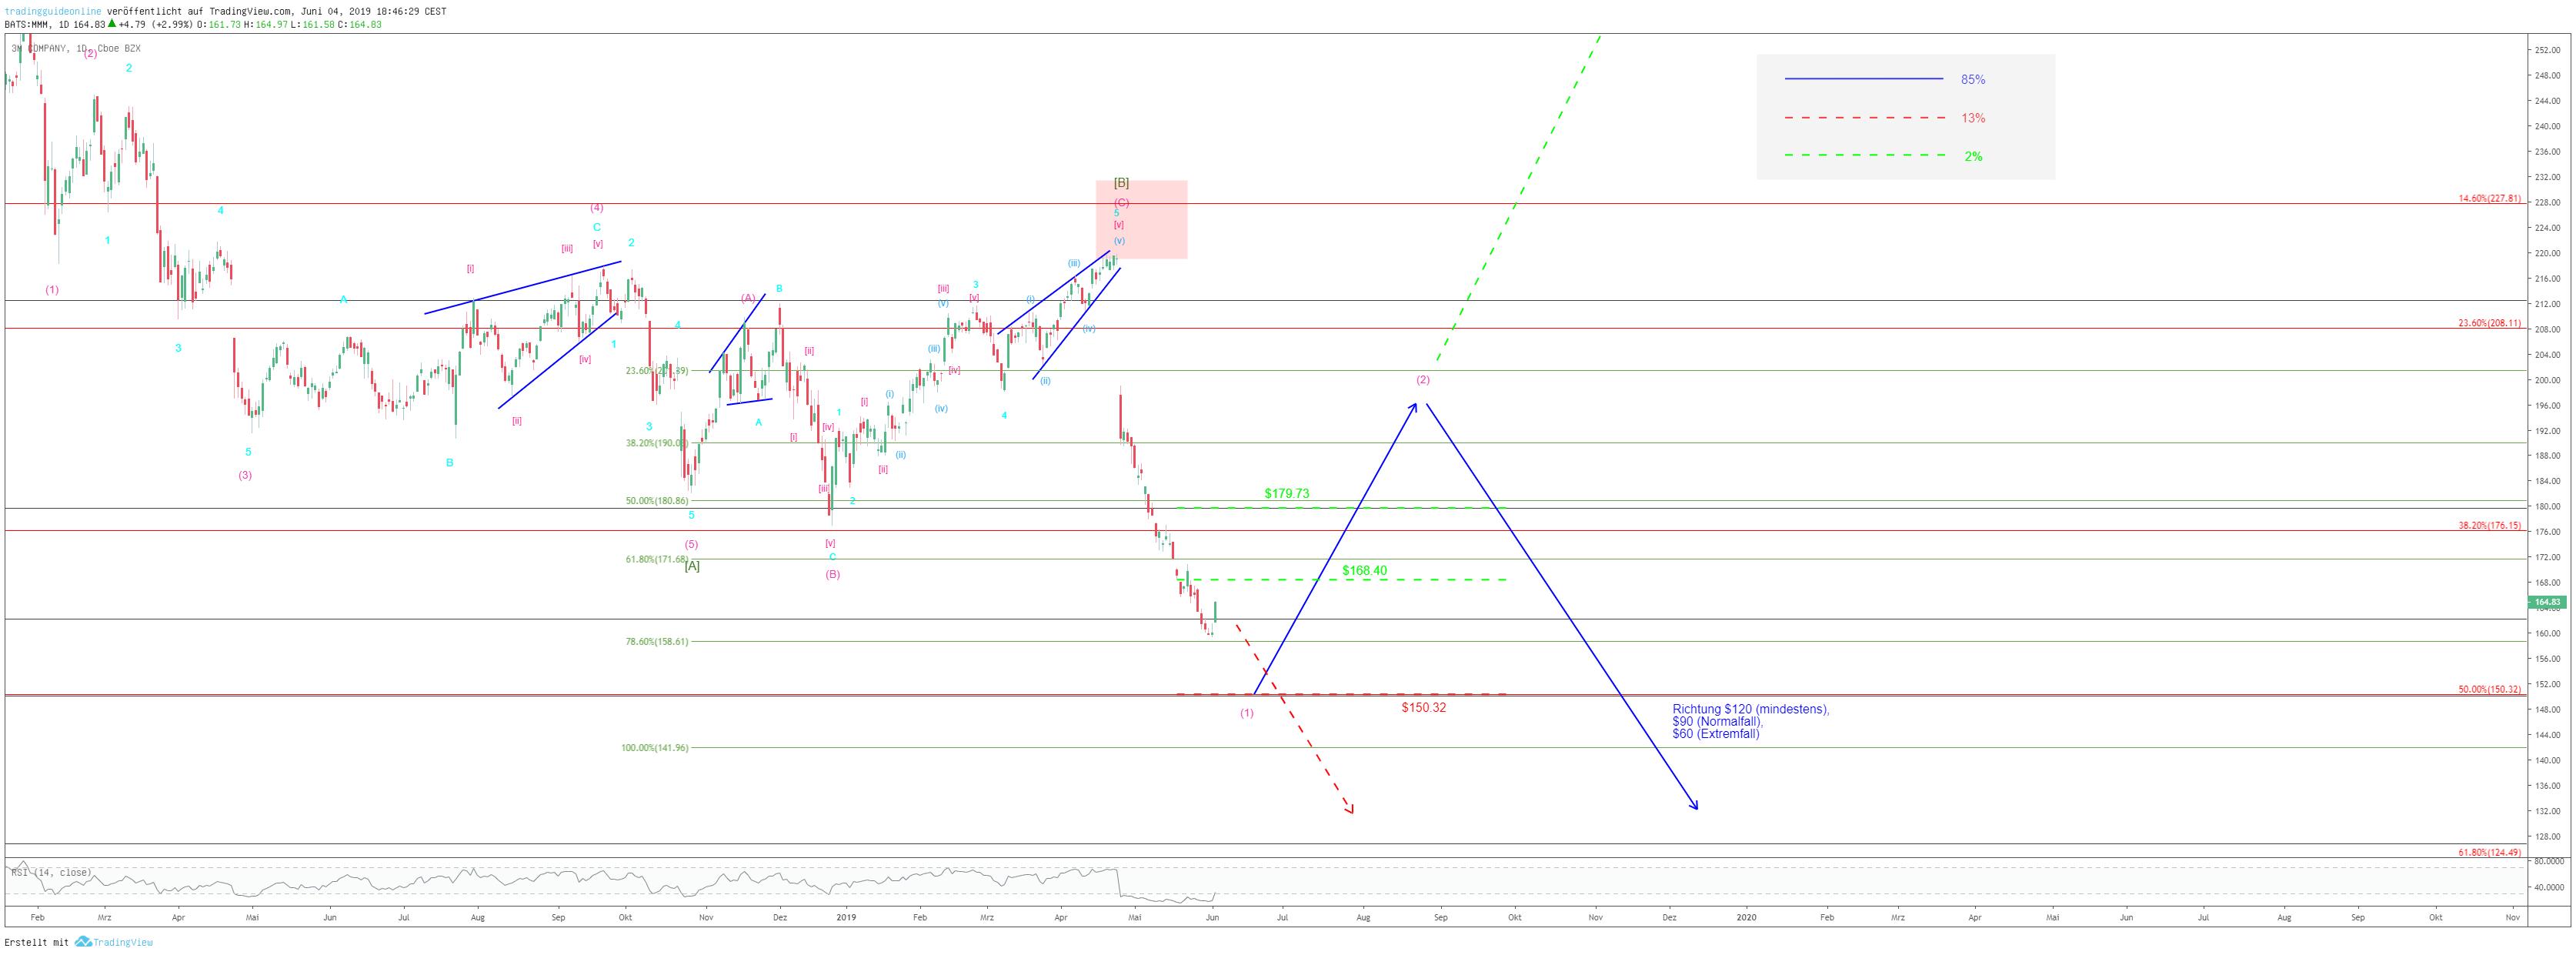 Aktienchart von 3M mit Szenarien